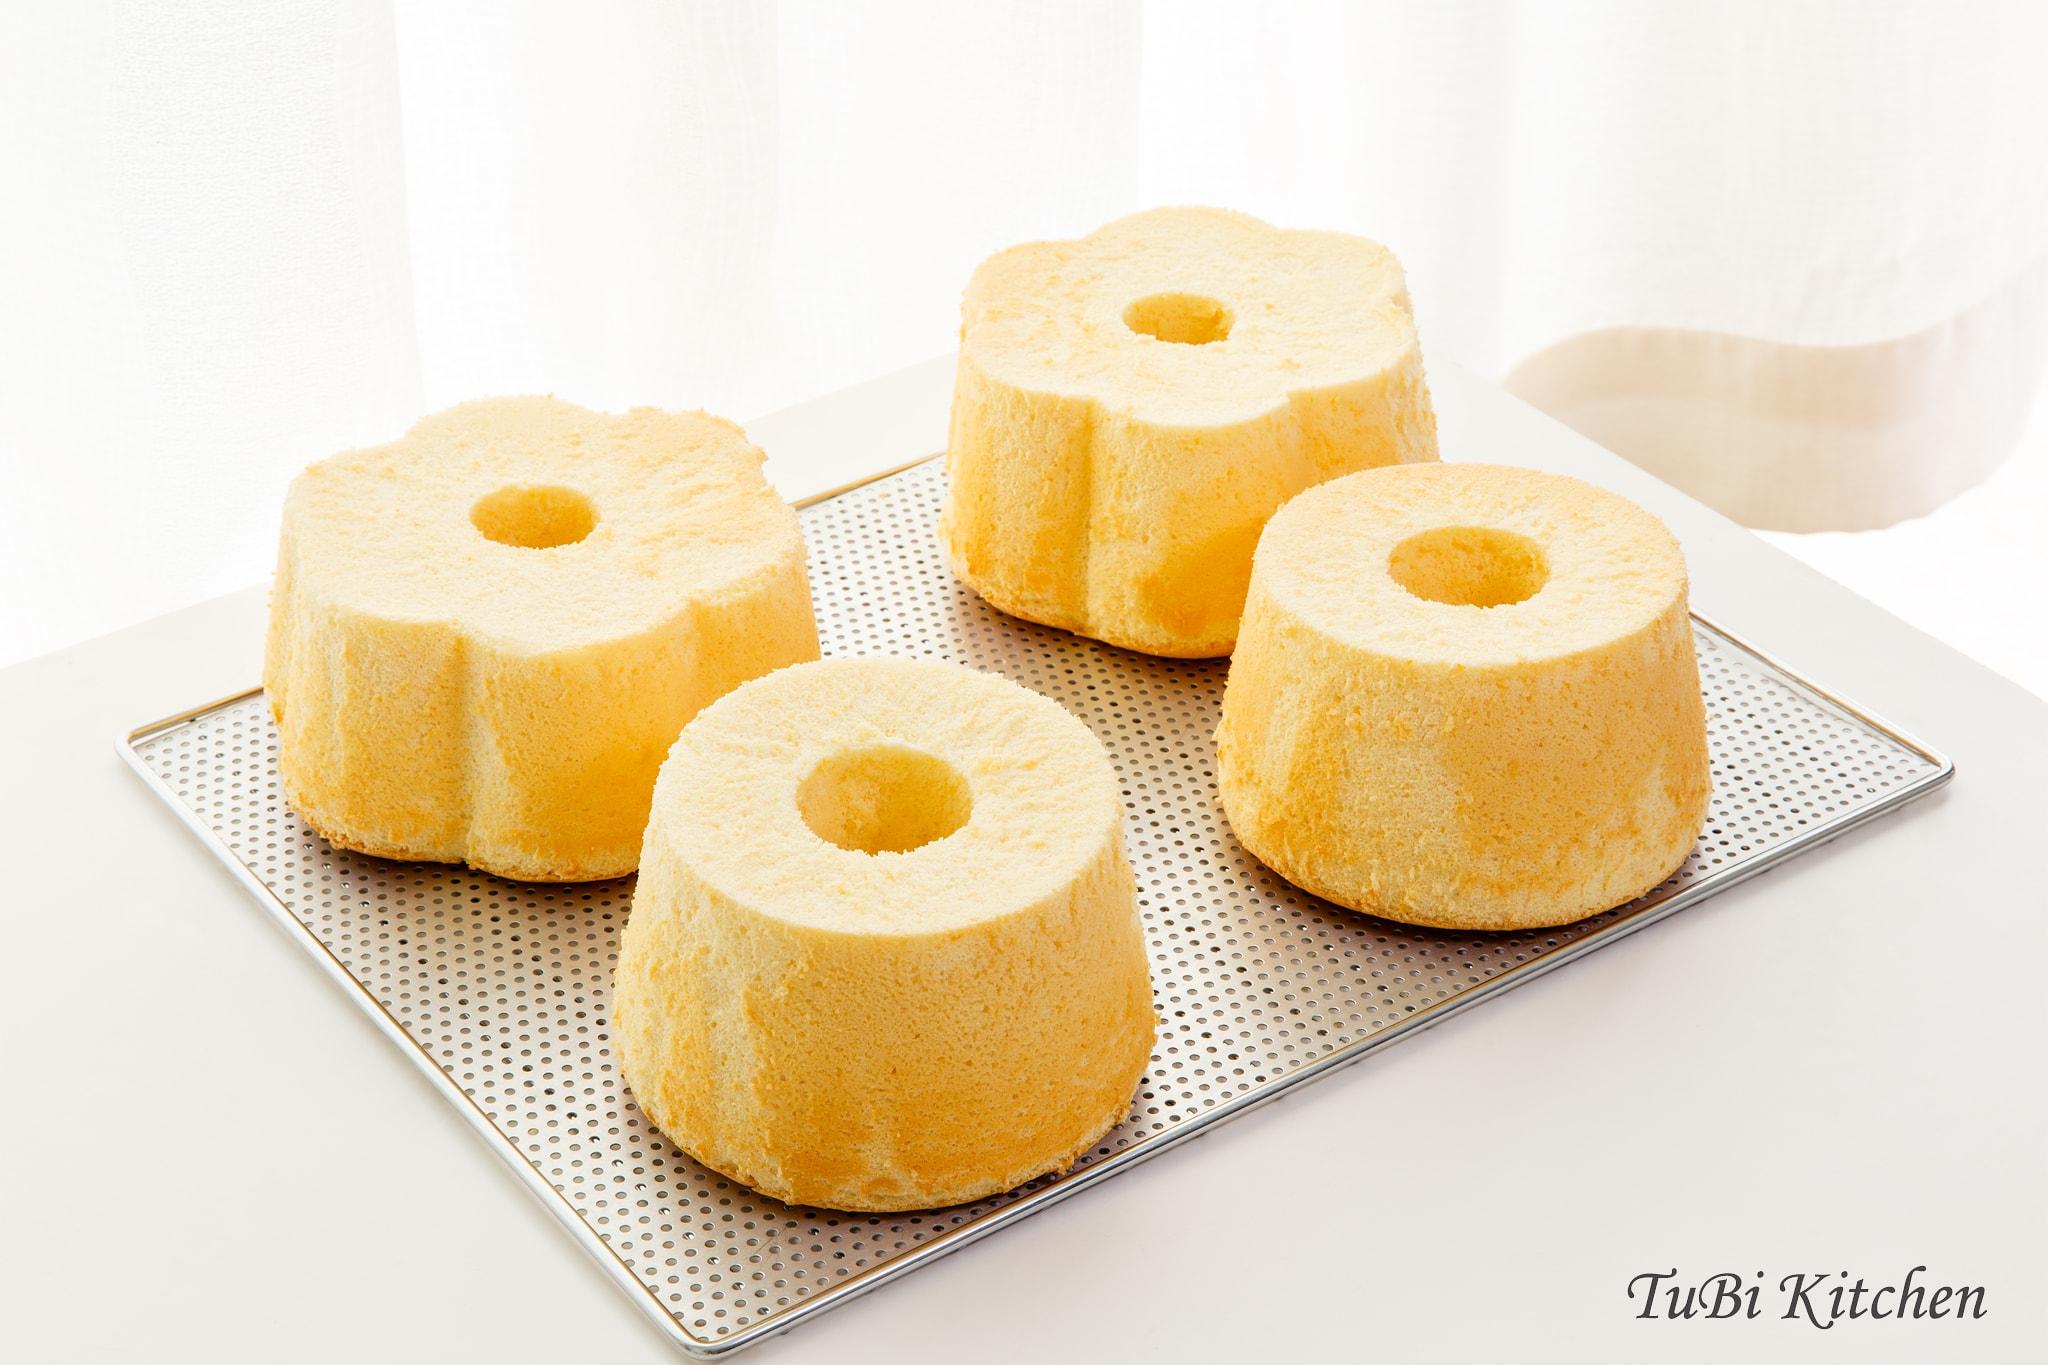 cách làm bánh chiffon cam 1 cách làm bánh chiffon cam Cách làm bánh chiffon cam thơm ngát mát lịm mùa thu cach lam banh chiffon cam 1